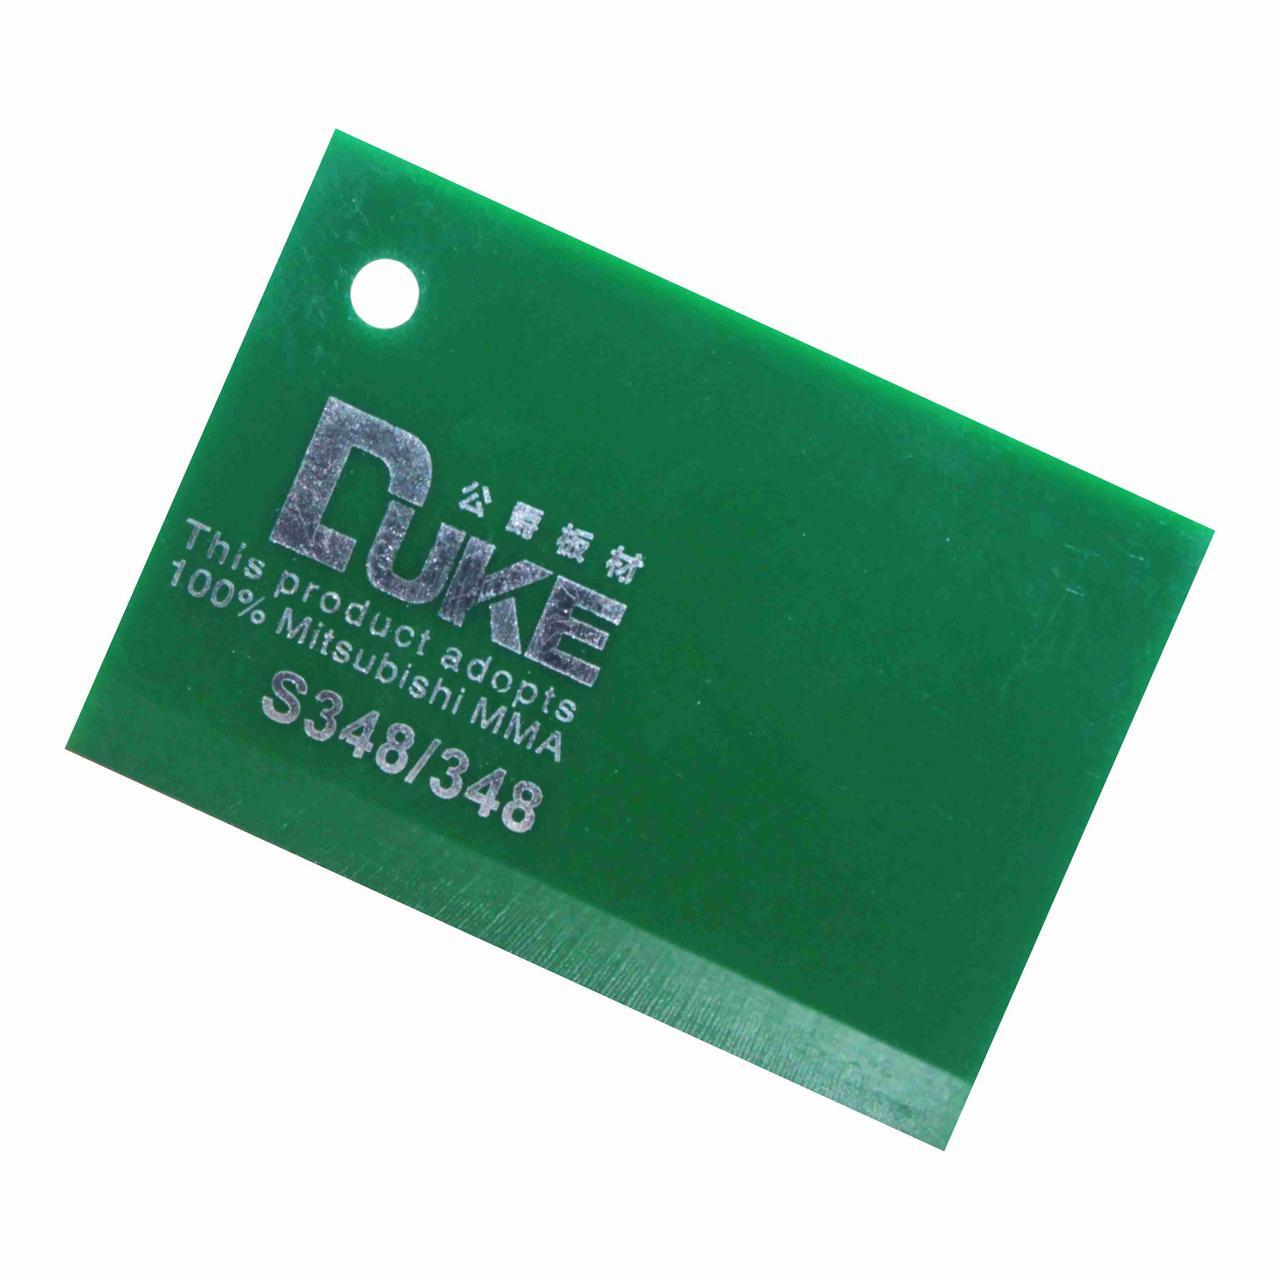 Темно-зеленый листовой акрил №348 (3мм) 1,22мХ2,44м